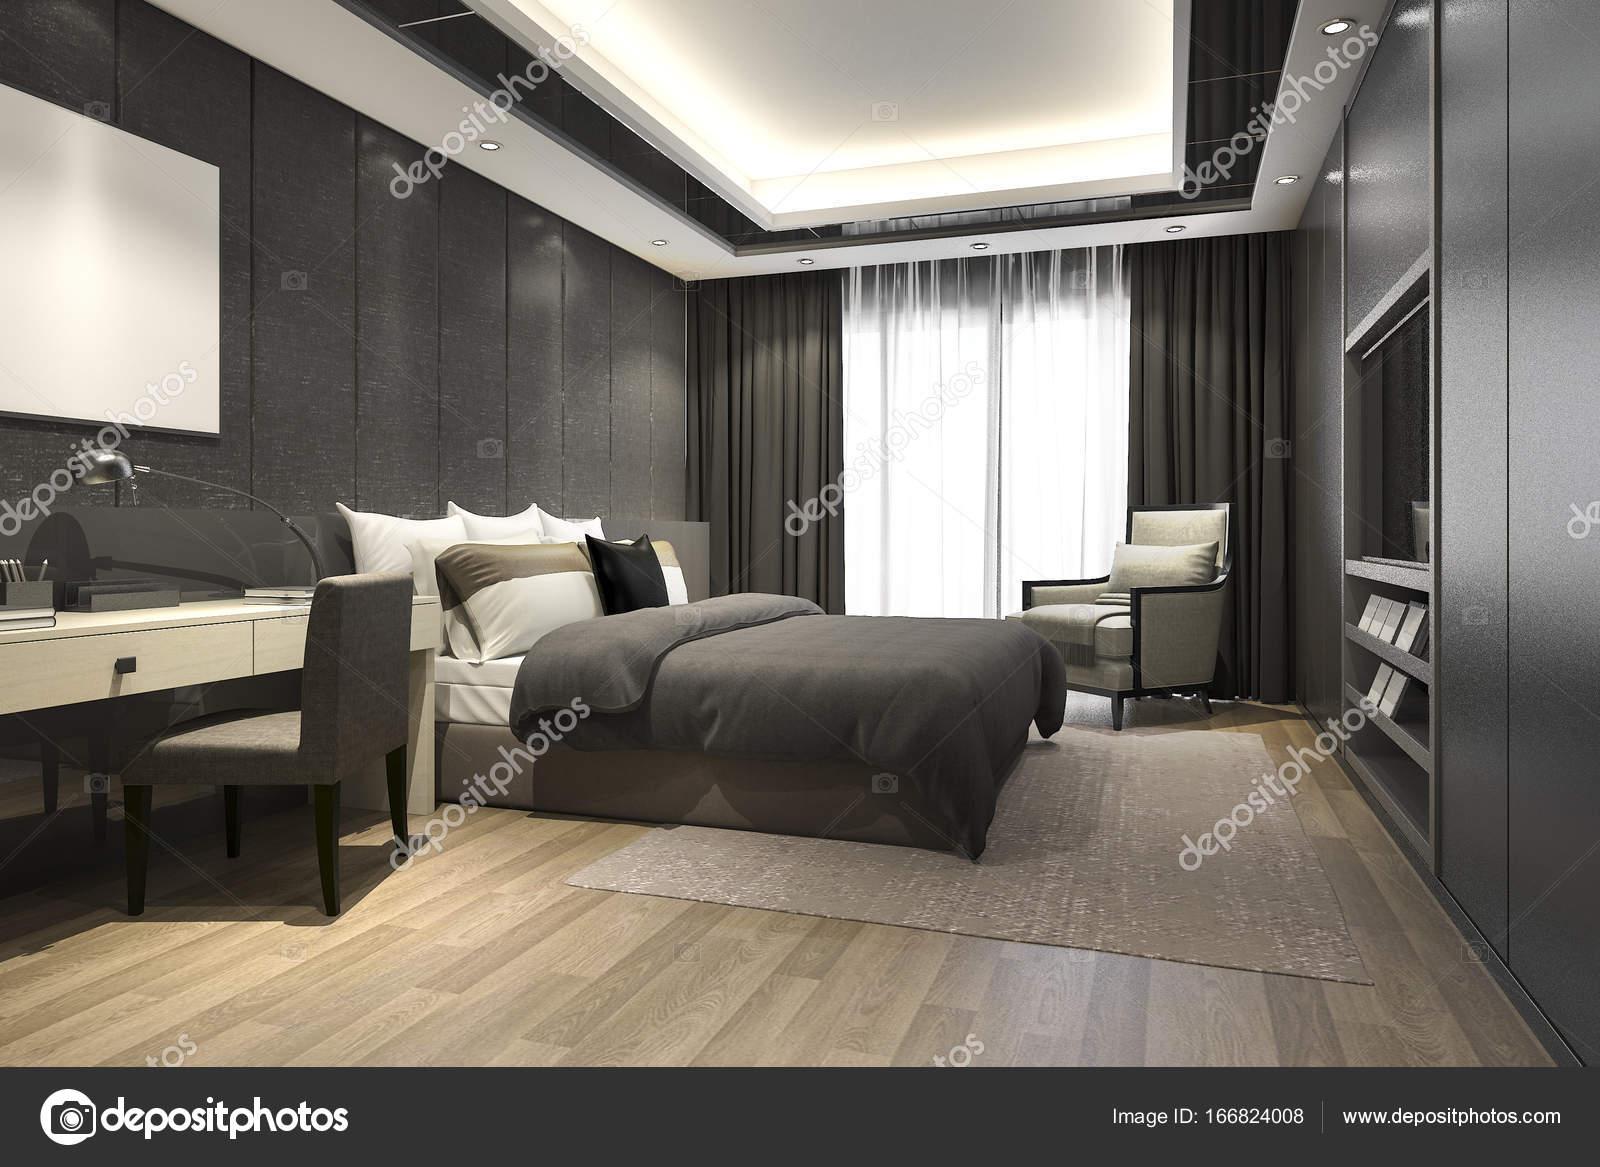 schlafzimmer modern schwarz ikea schlafzimmer accessoires bettdecken befestigung bibi. Black Bedroom Furniture Sets. Home Design Ideas